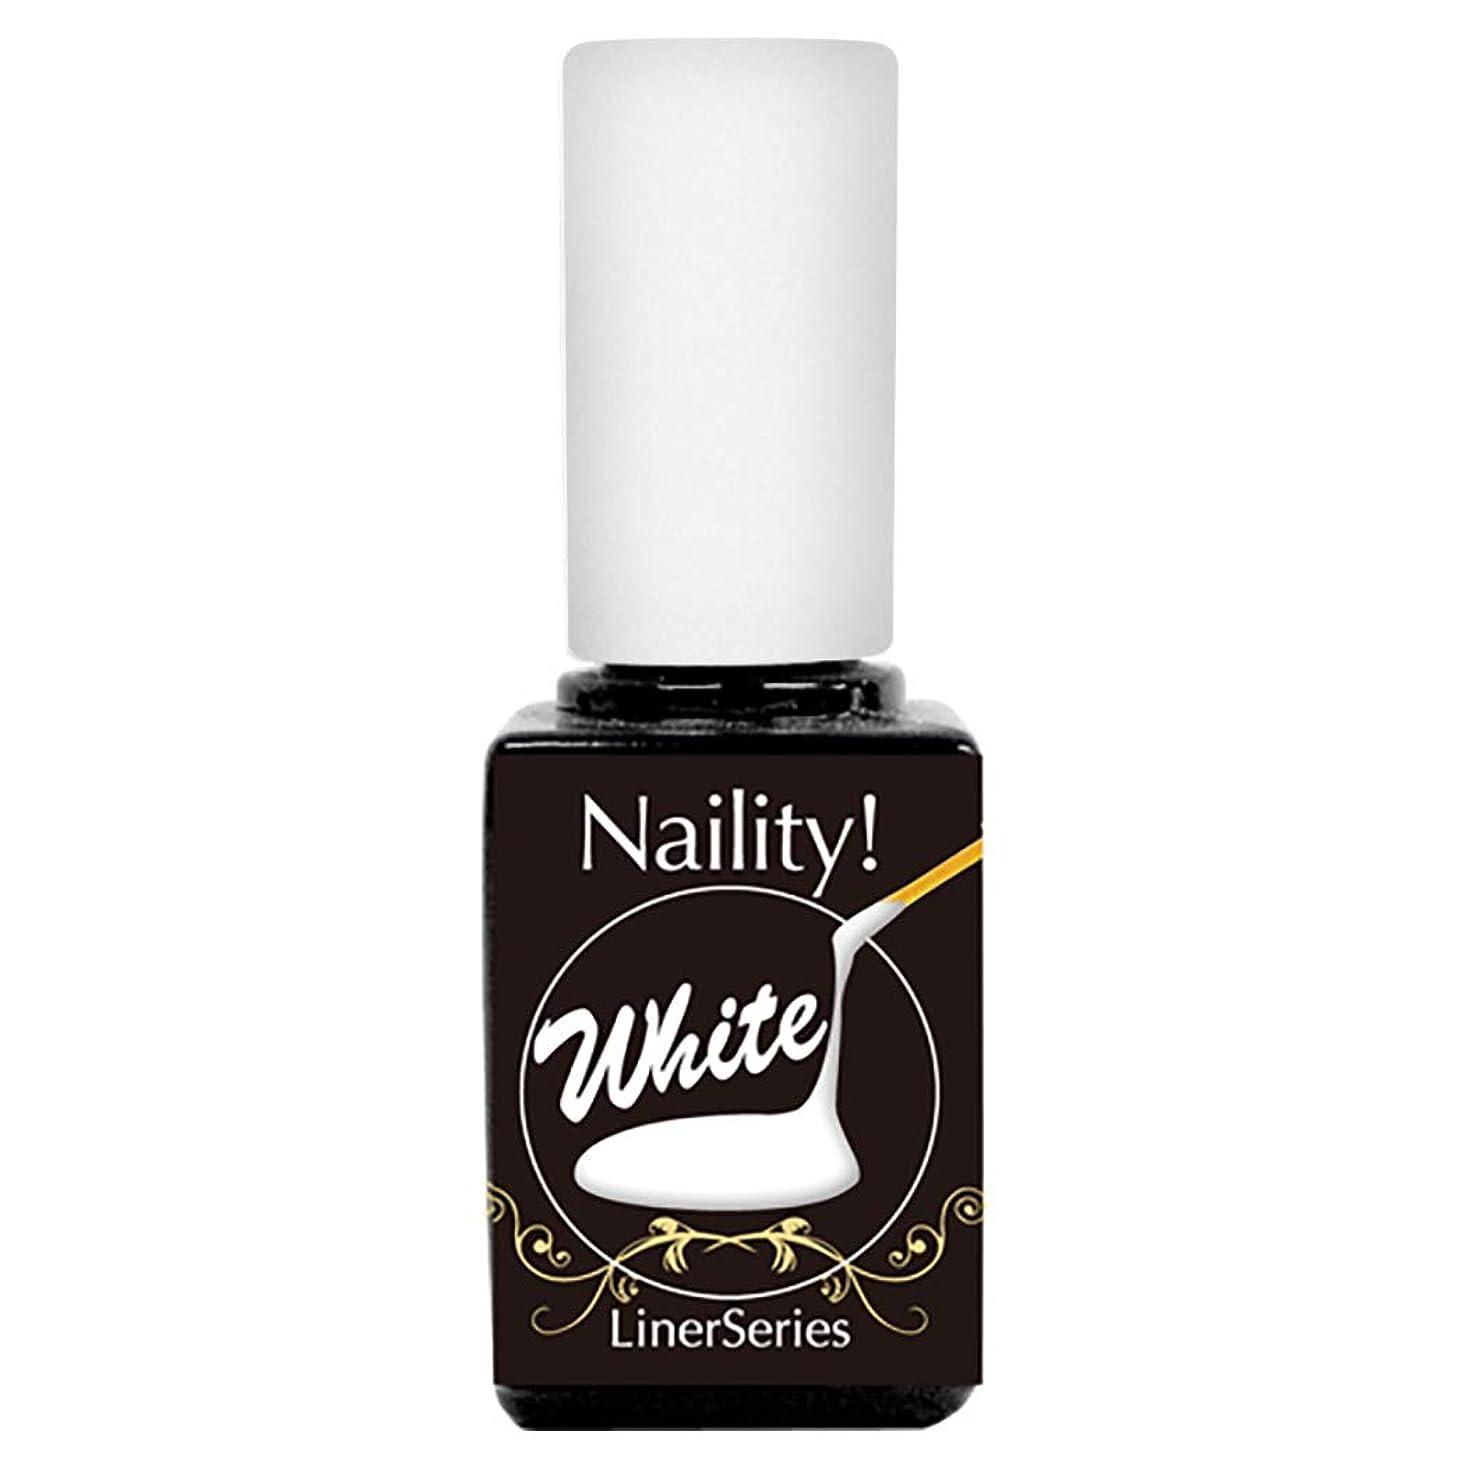 代表してアドバイス神経Naility!ステップレスジェル L10 ライナーホワイト 7g (高粘度)